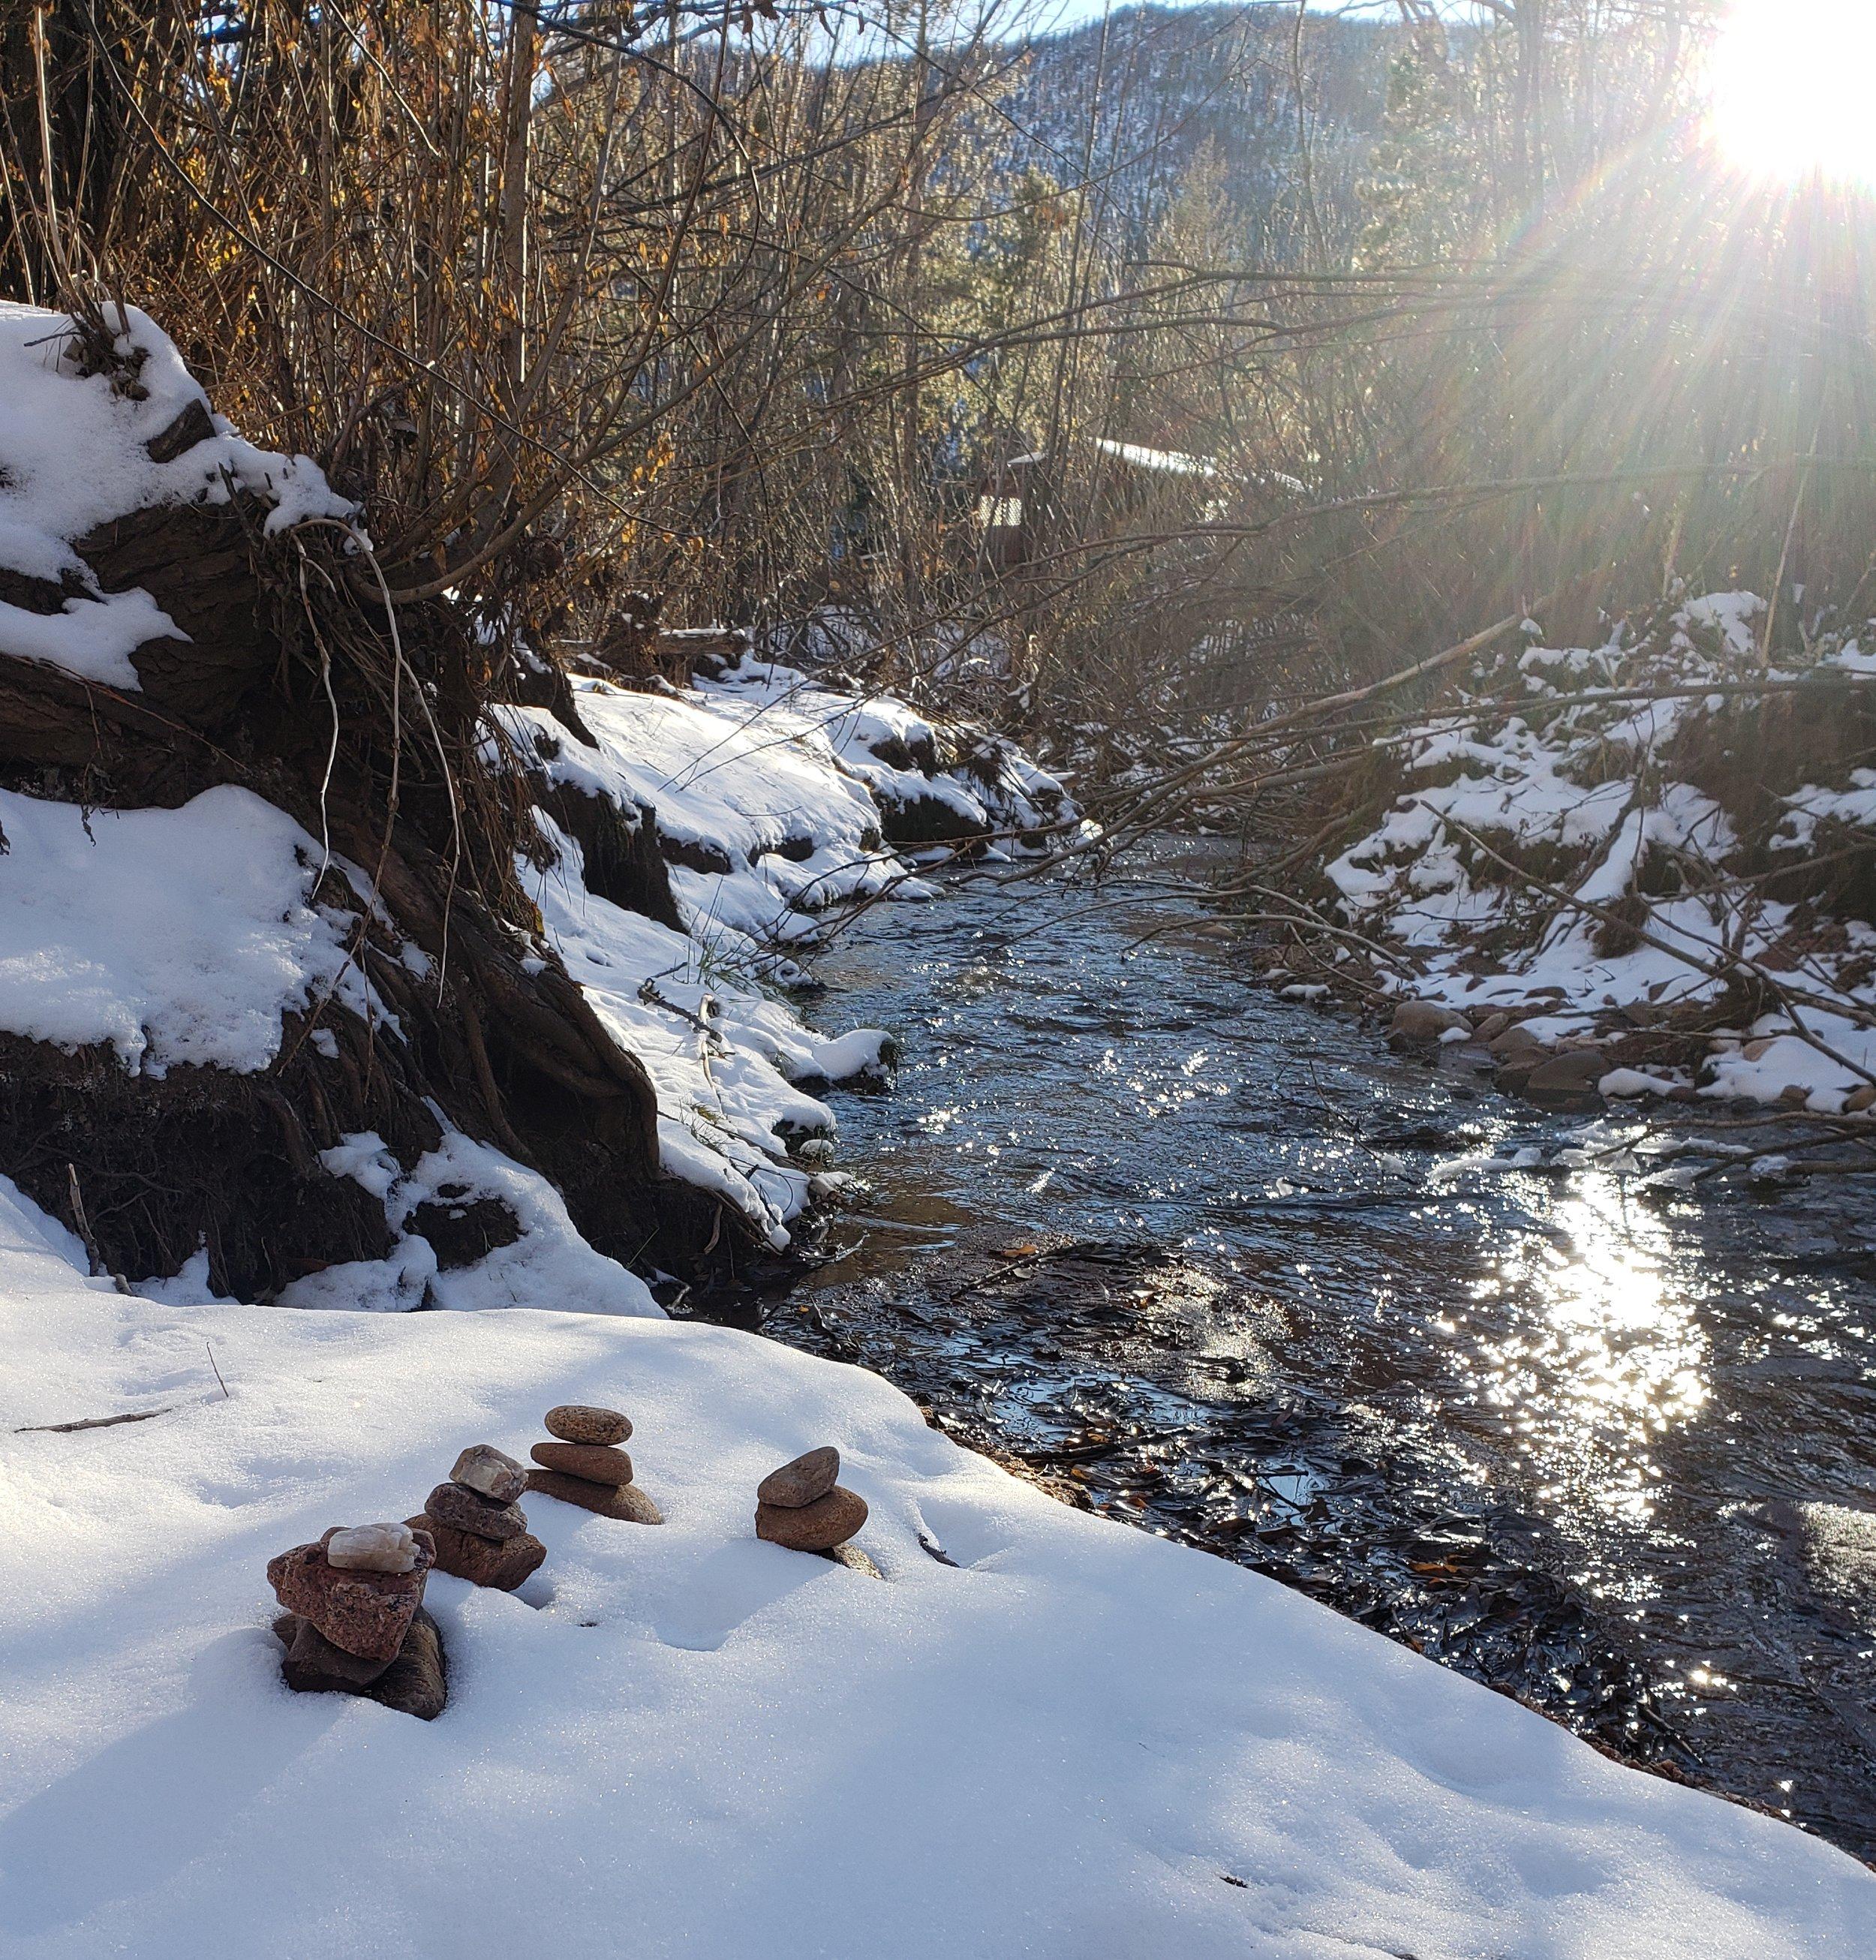 cairns in snow with sunburst.jpg